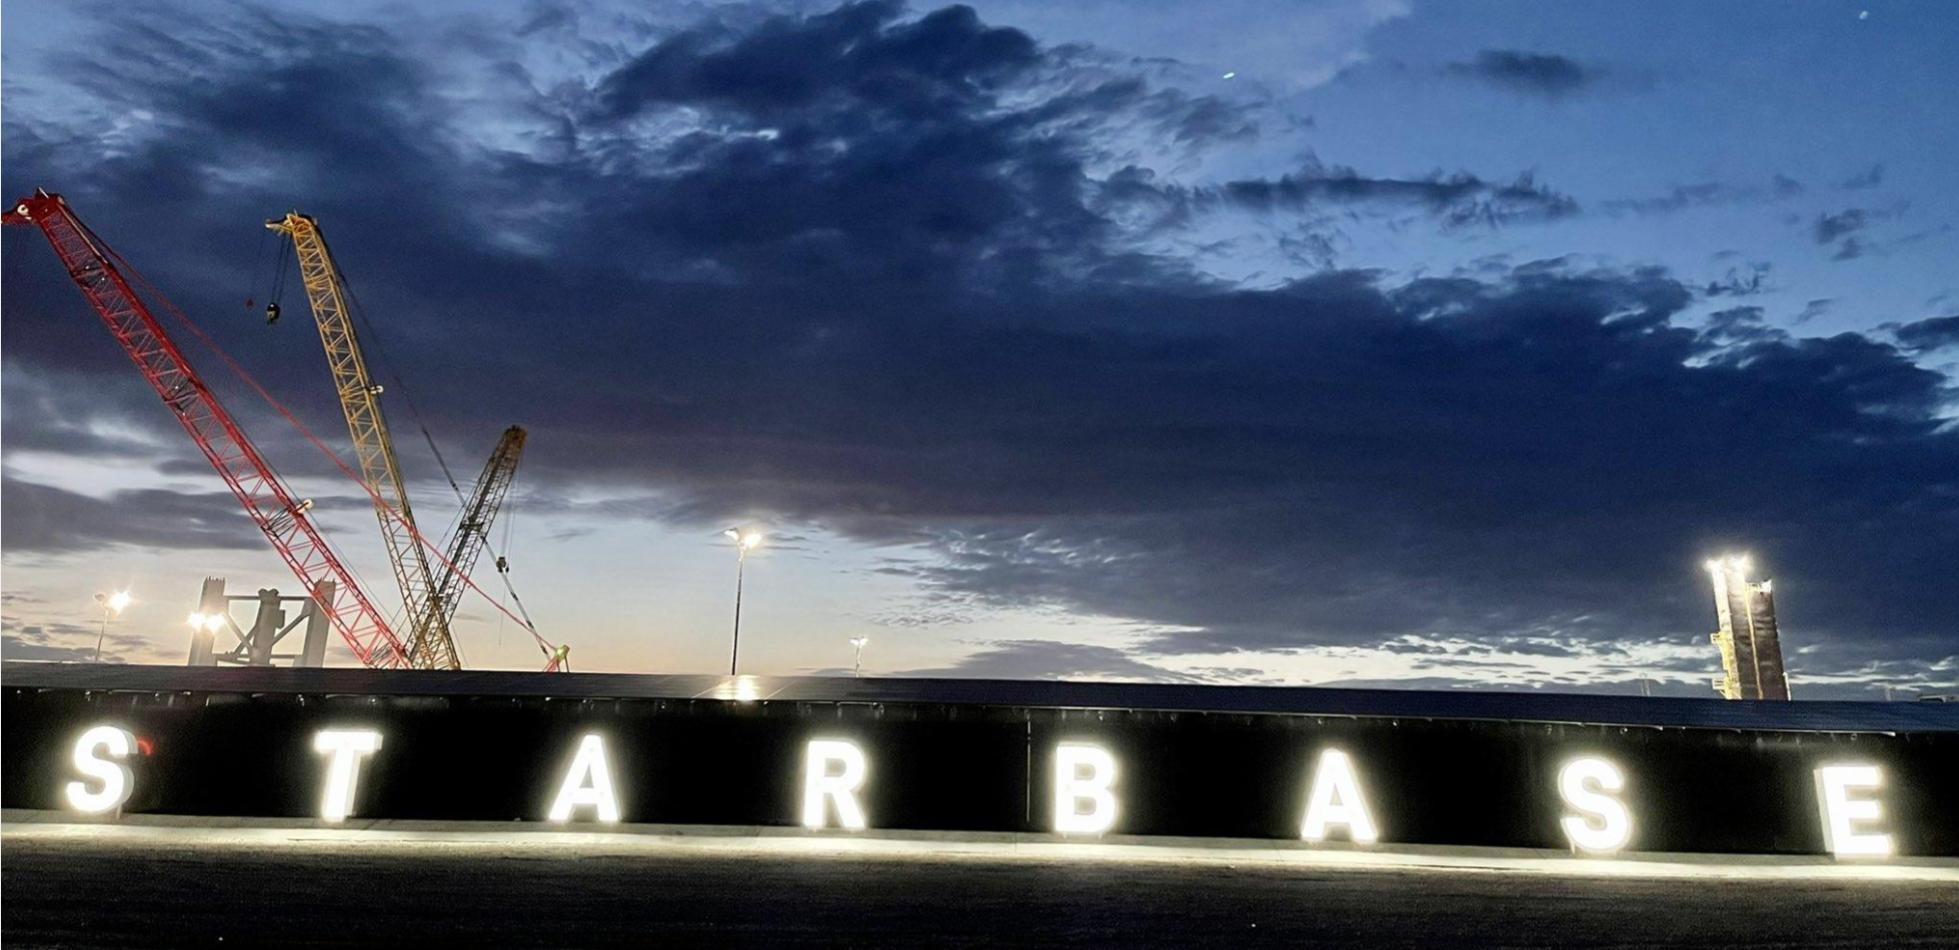 Wielkie zmiany w STARBASE w Boca Chcica